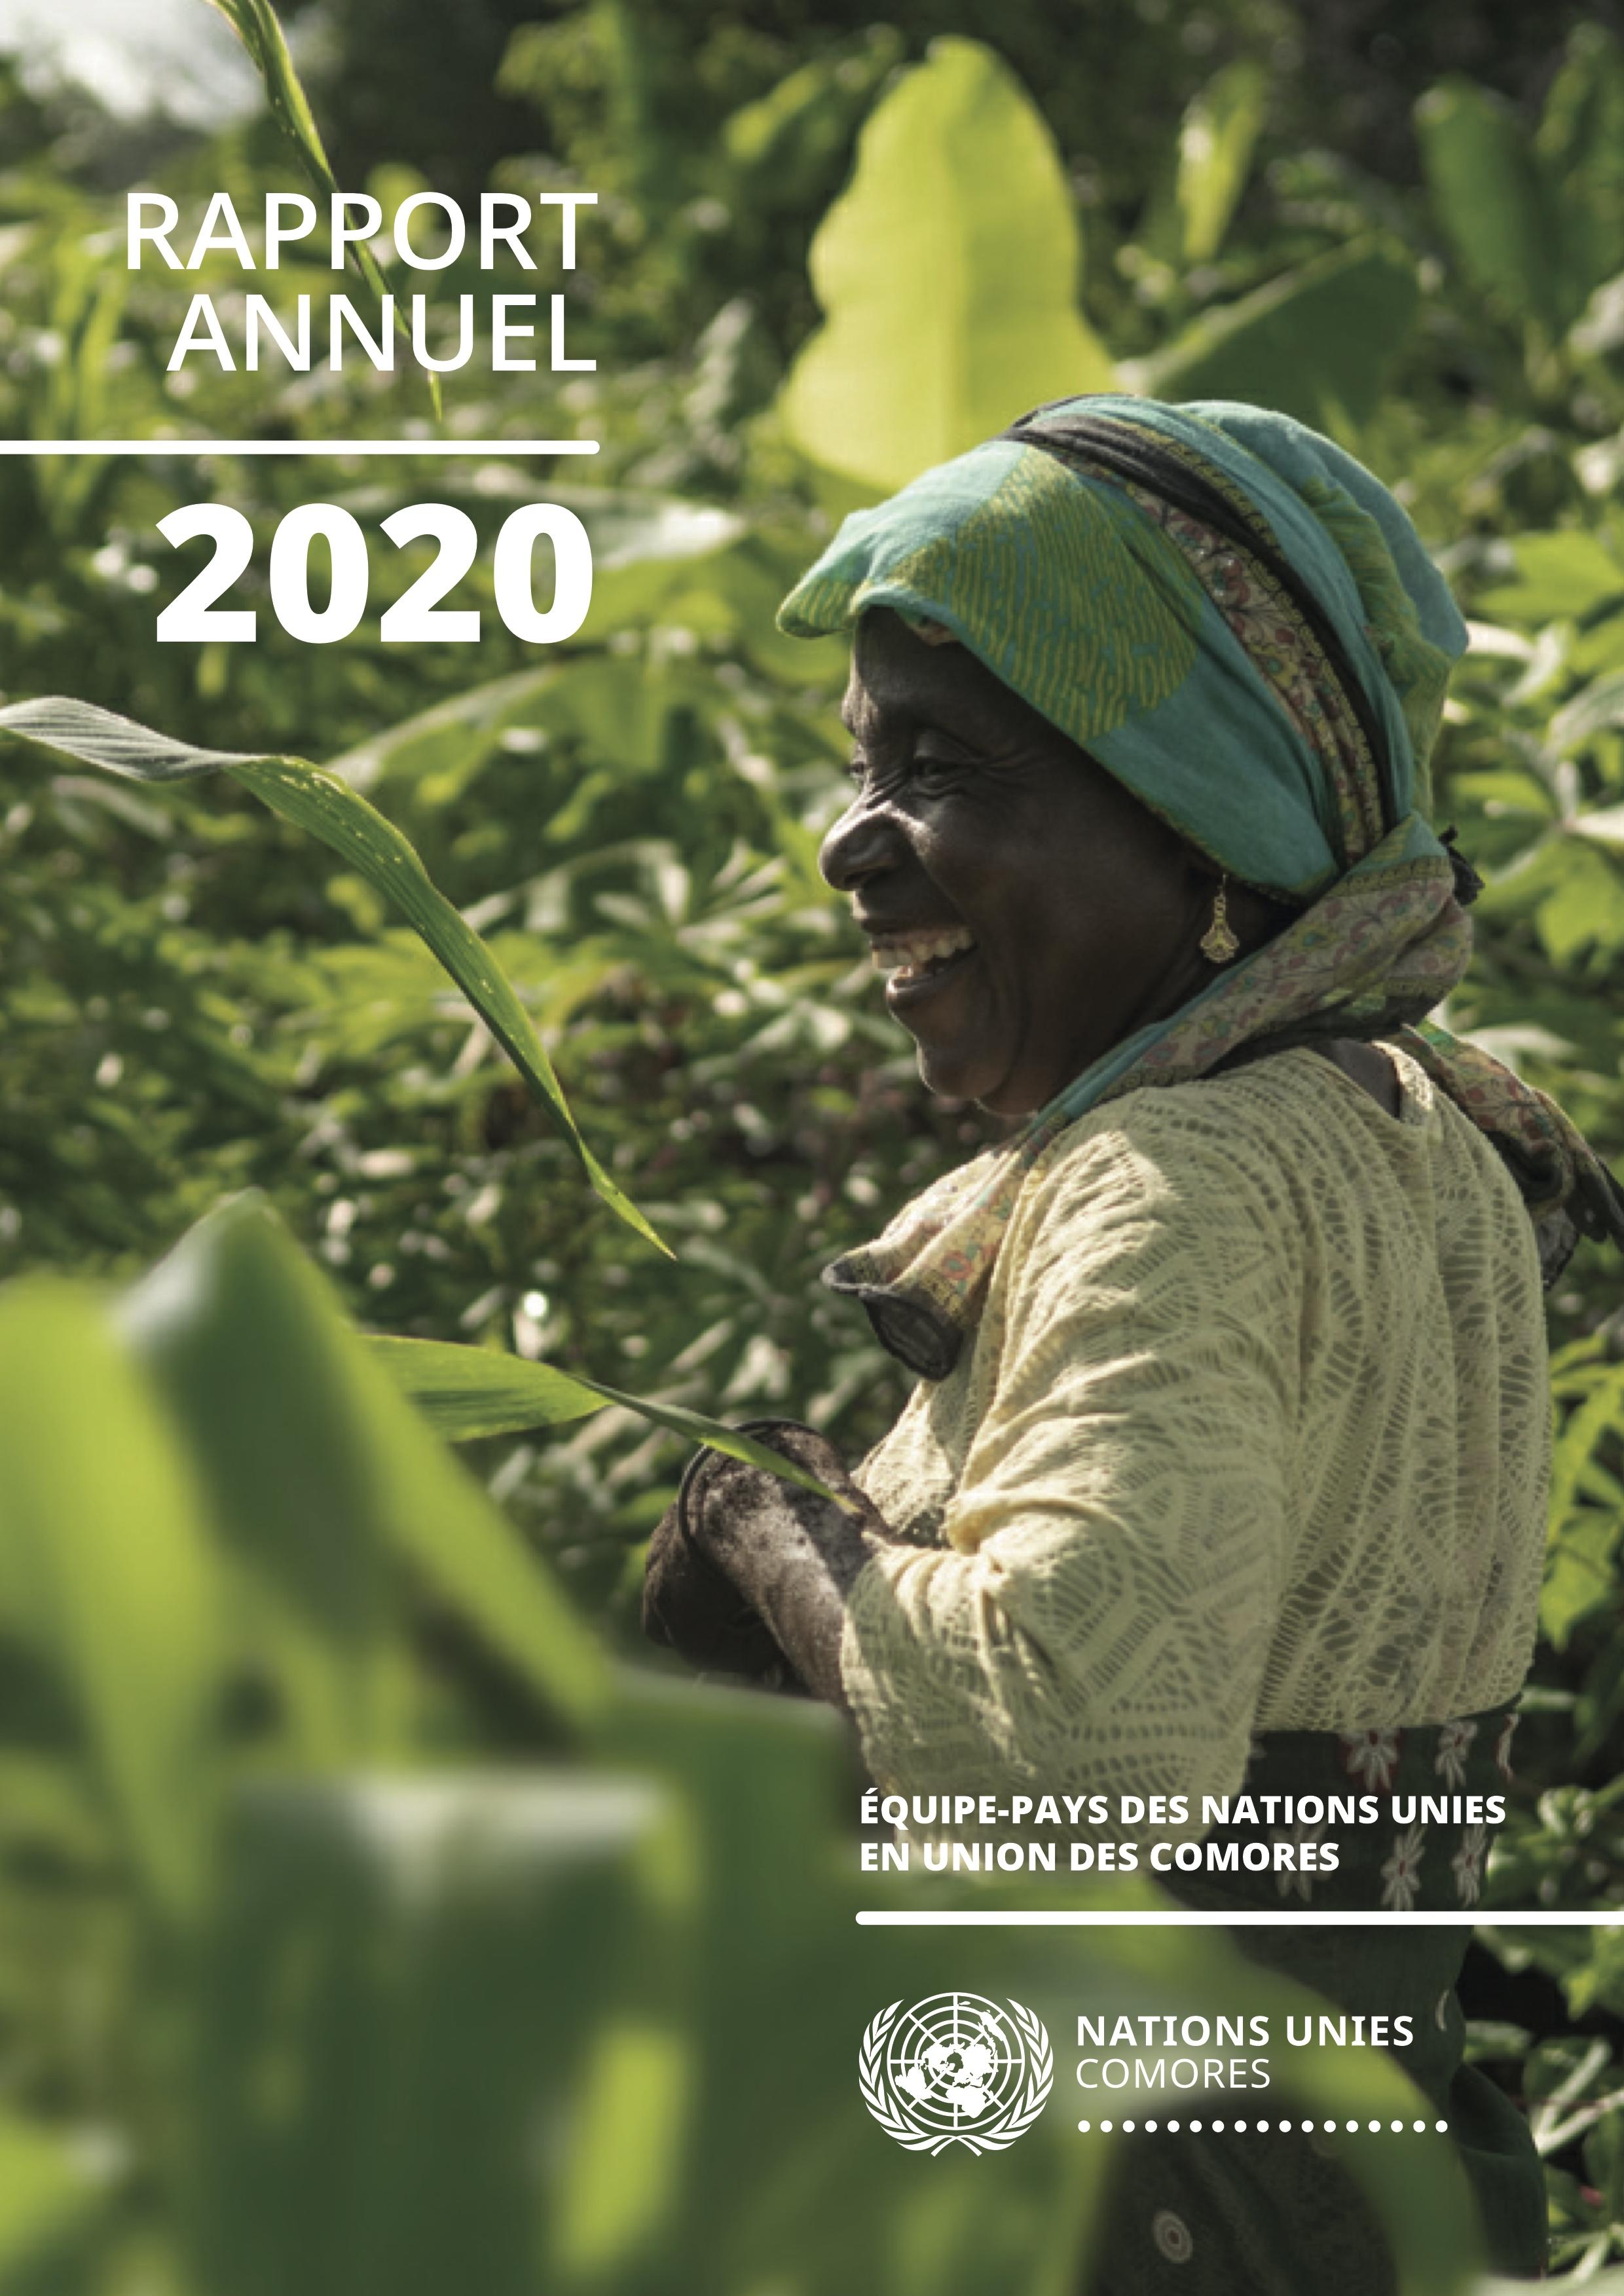 RAPPORT ANNUEL DE L'ÉQUIPE-PAYS DES NATIONS UNIES AUX COMORES - 2020